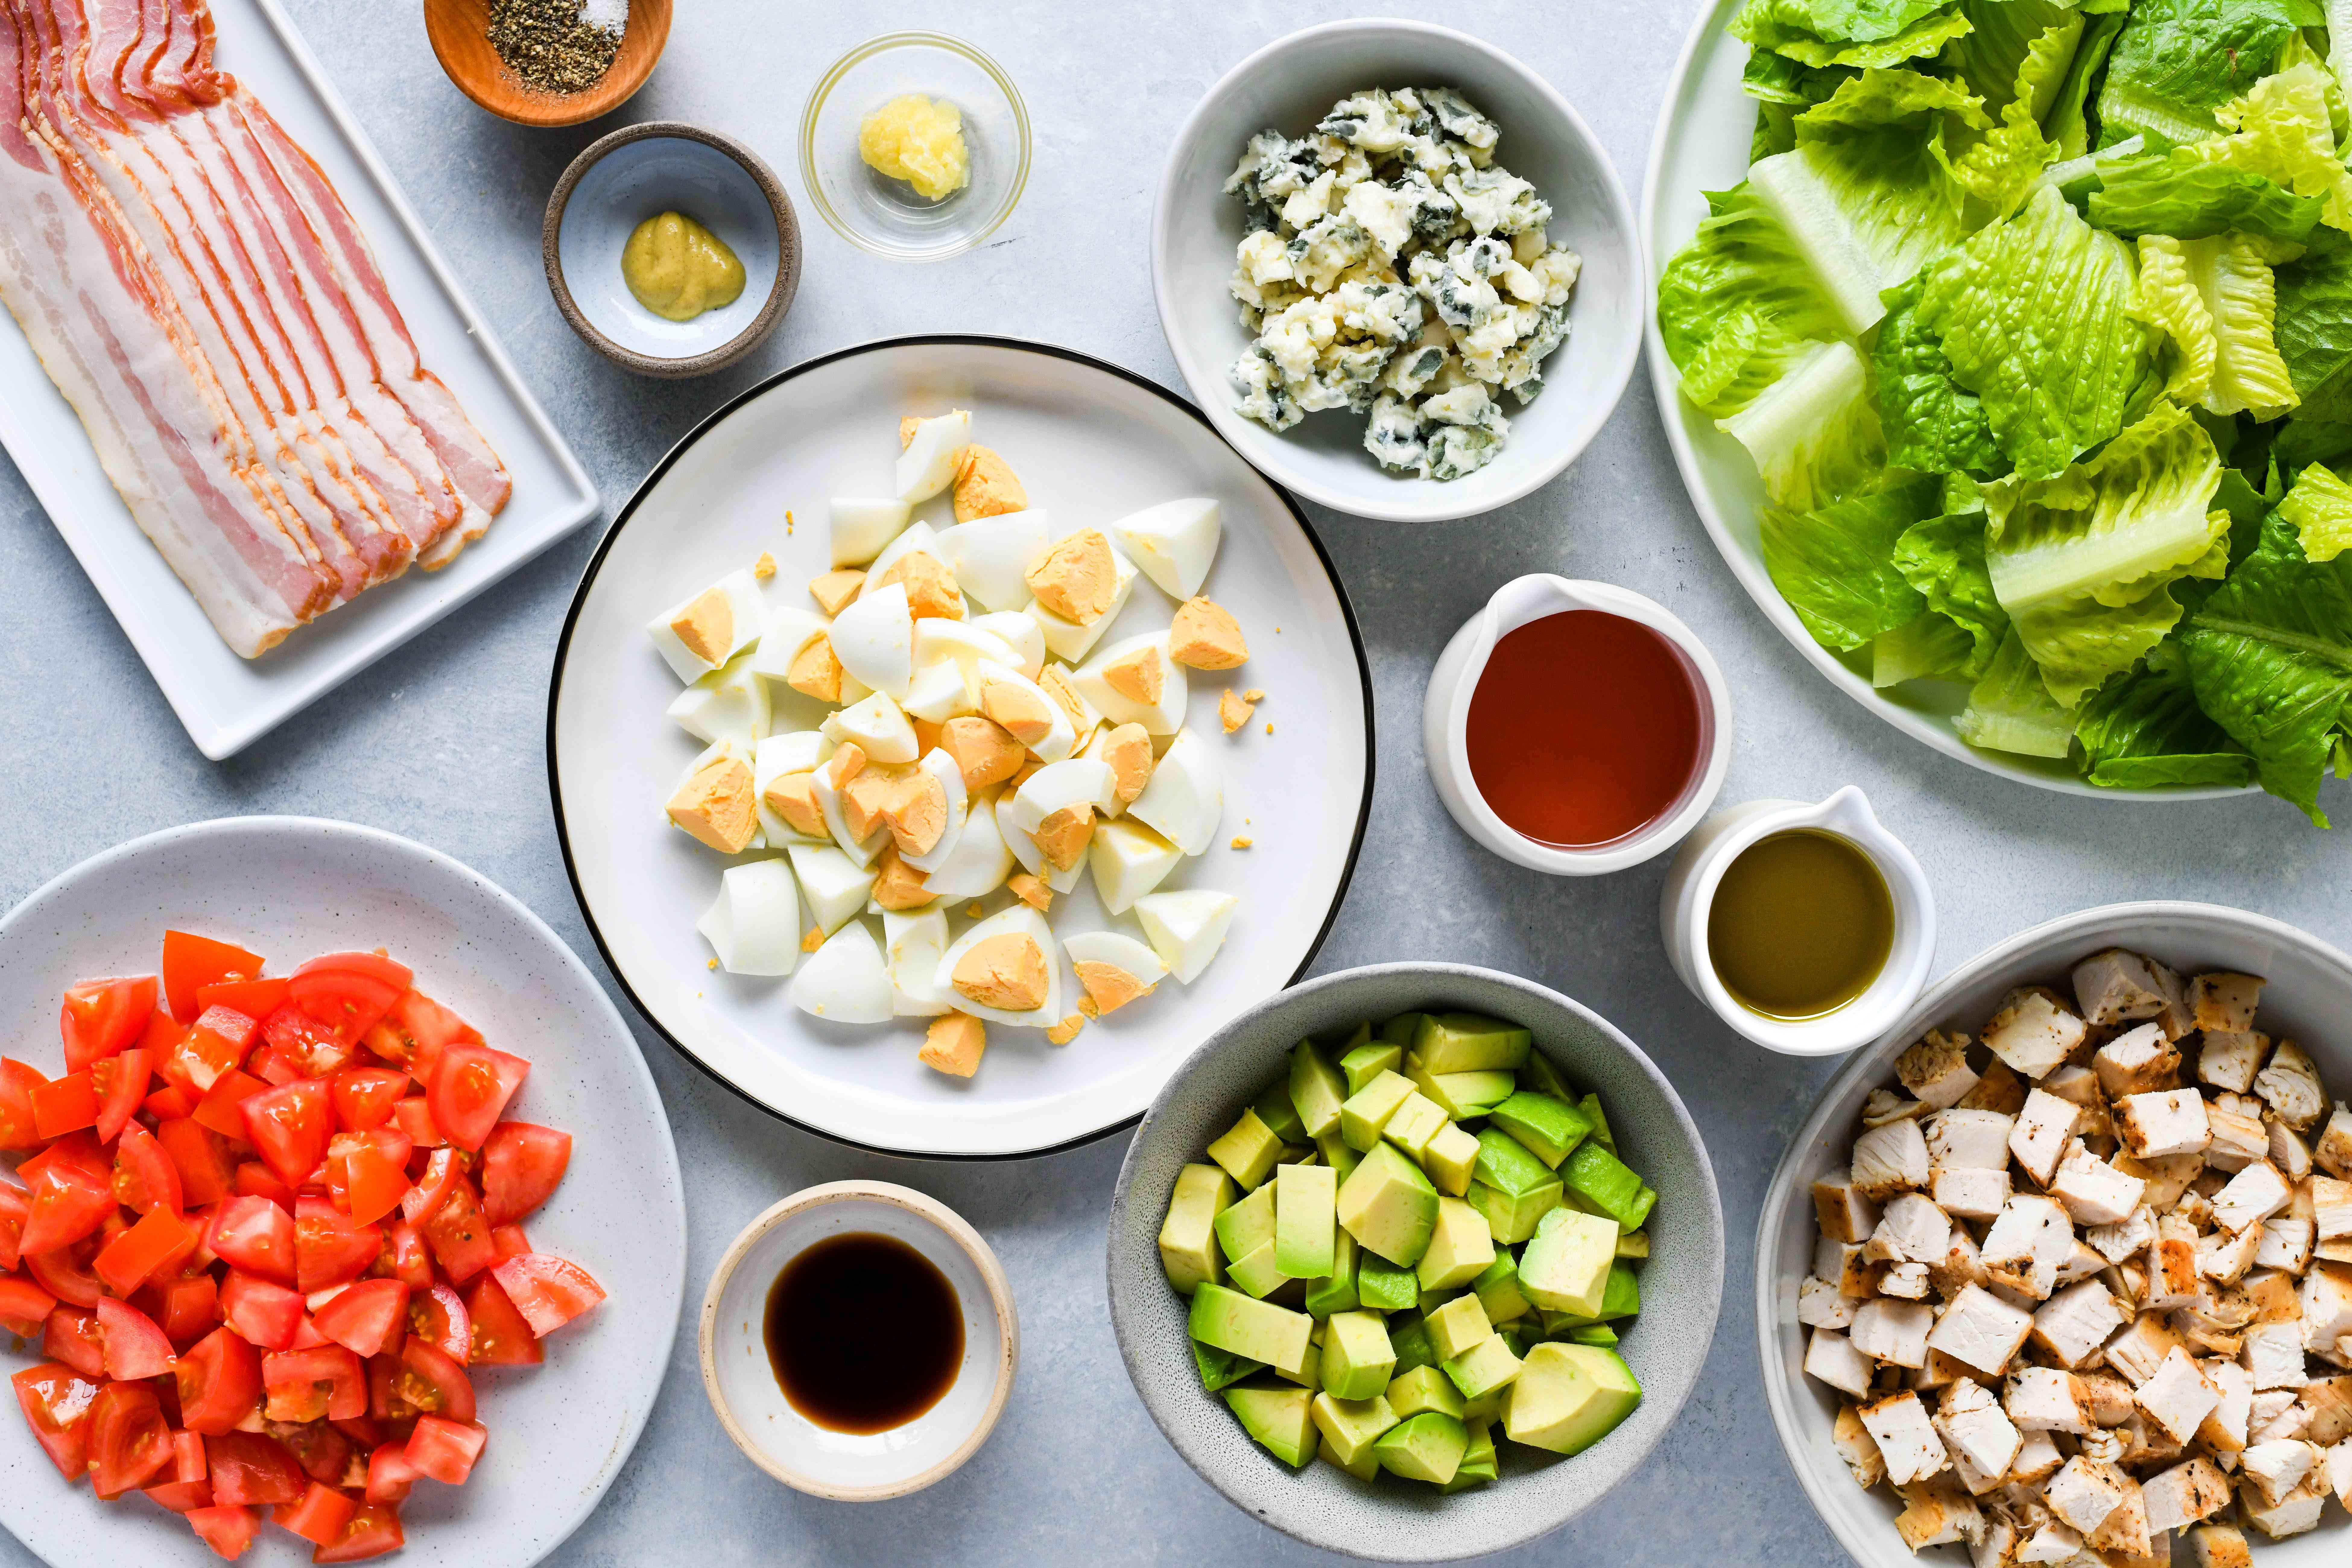 Classic Cobb Salad ingredients